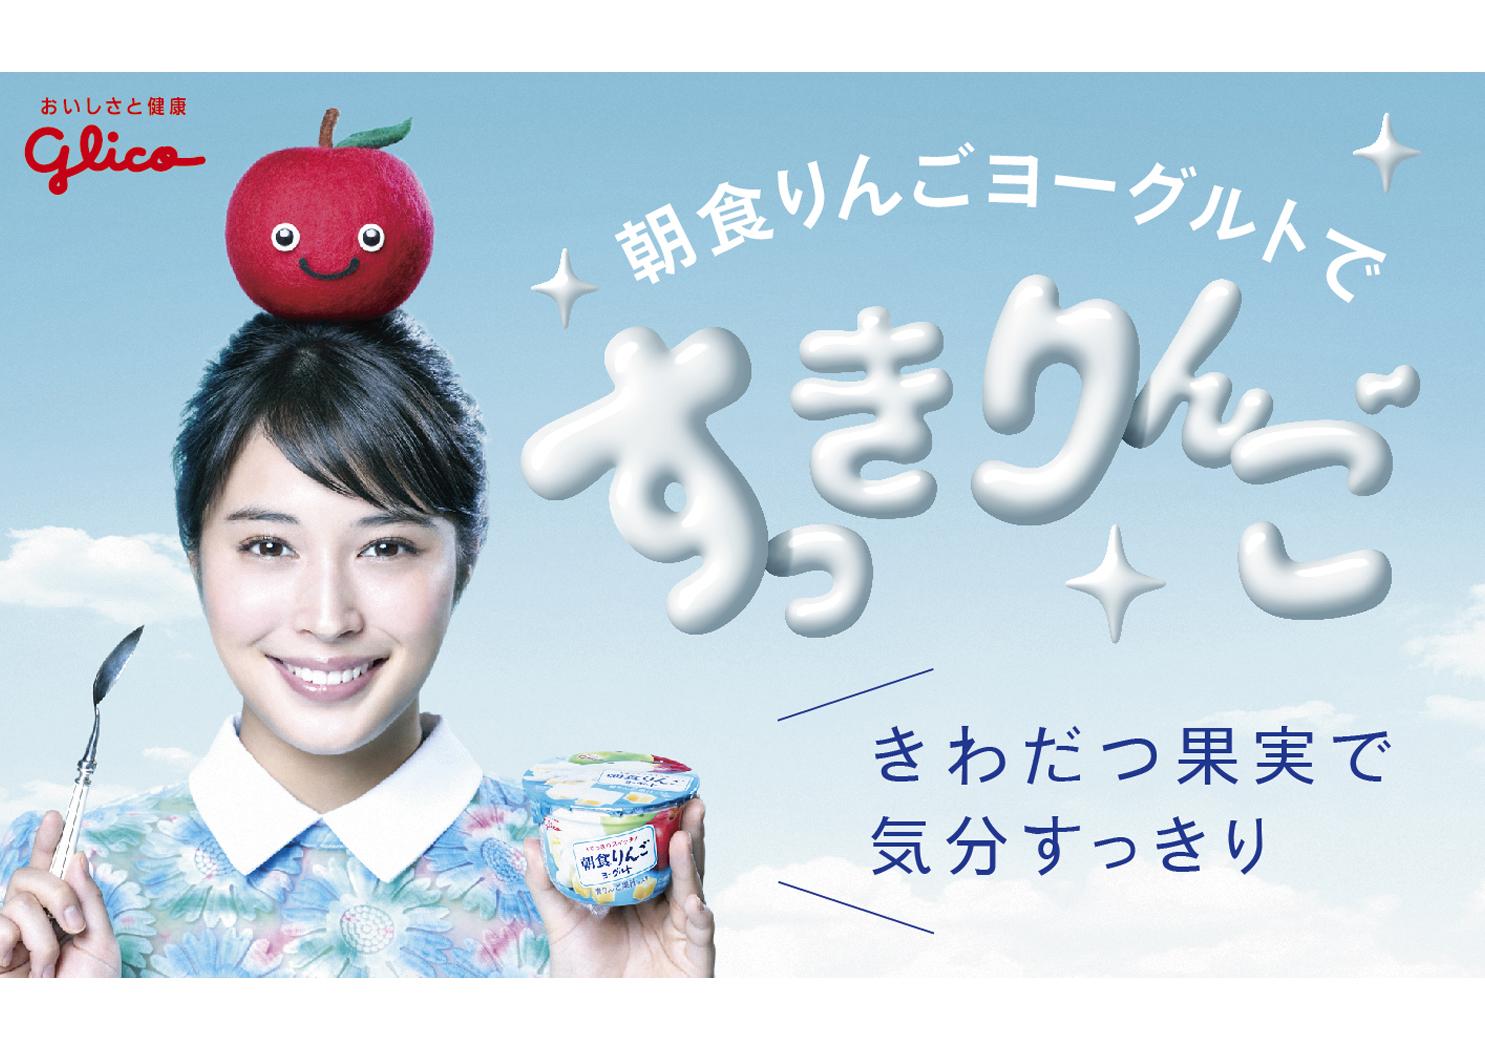 choshokuringo yogurt card